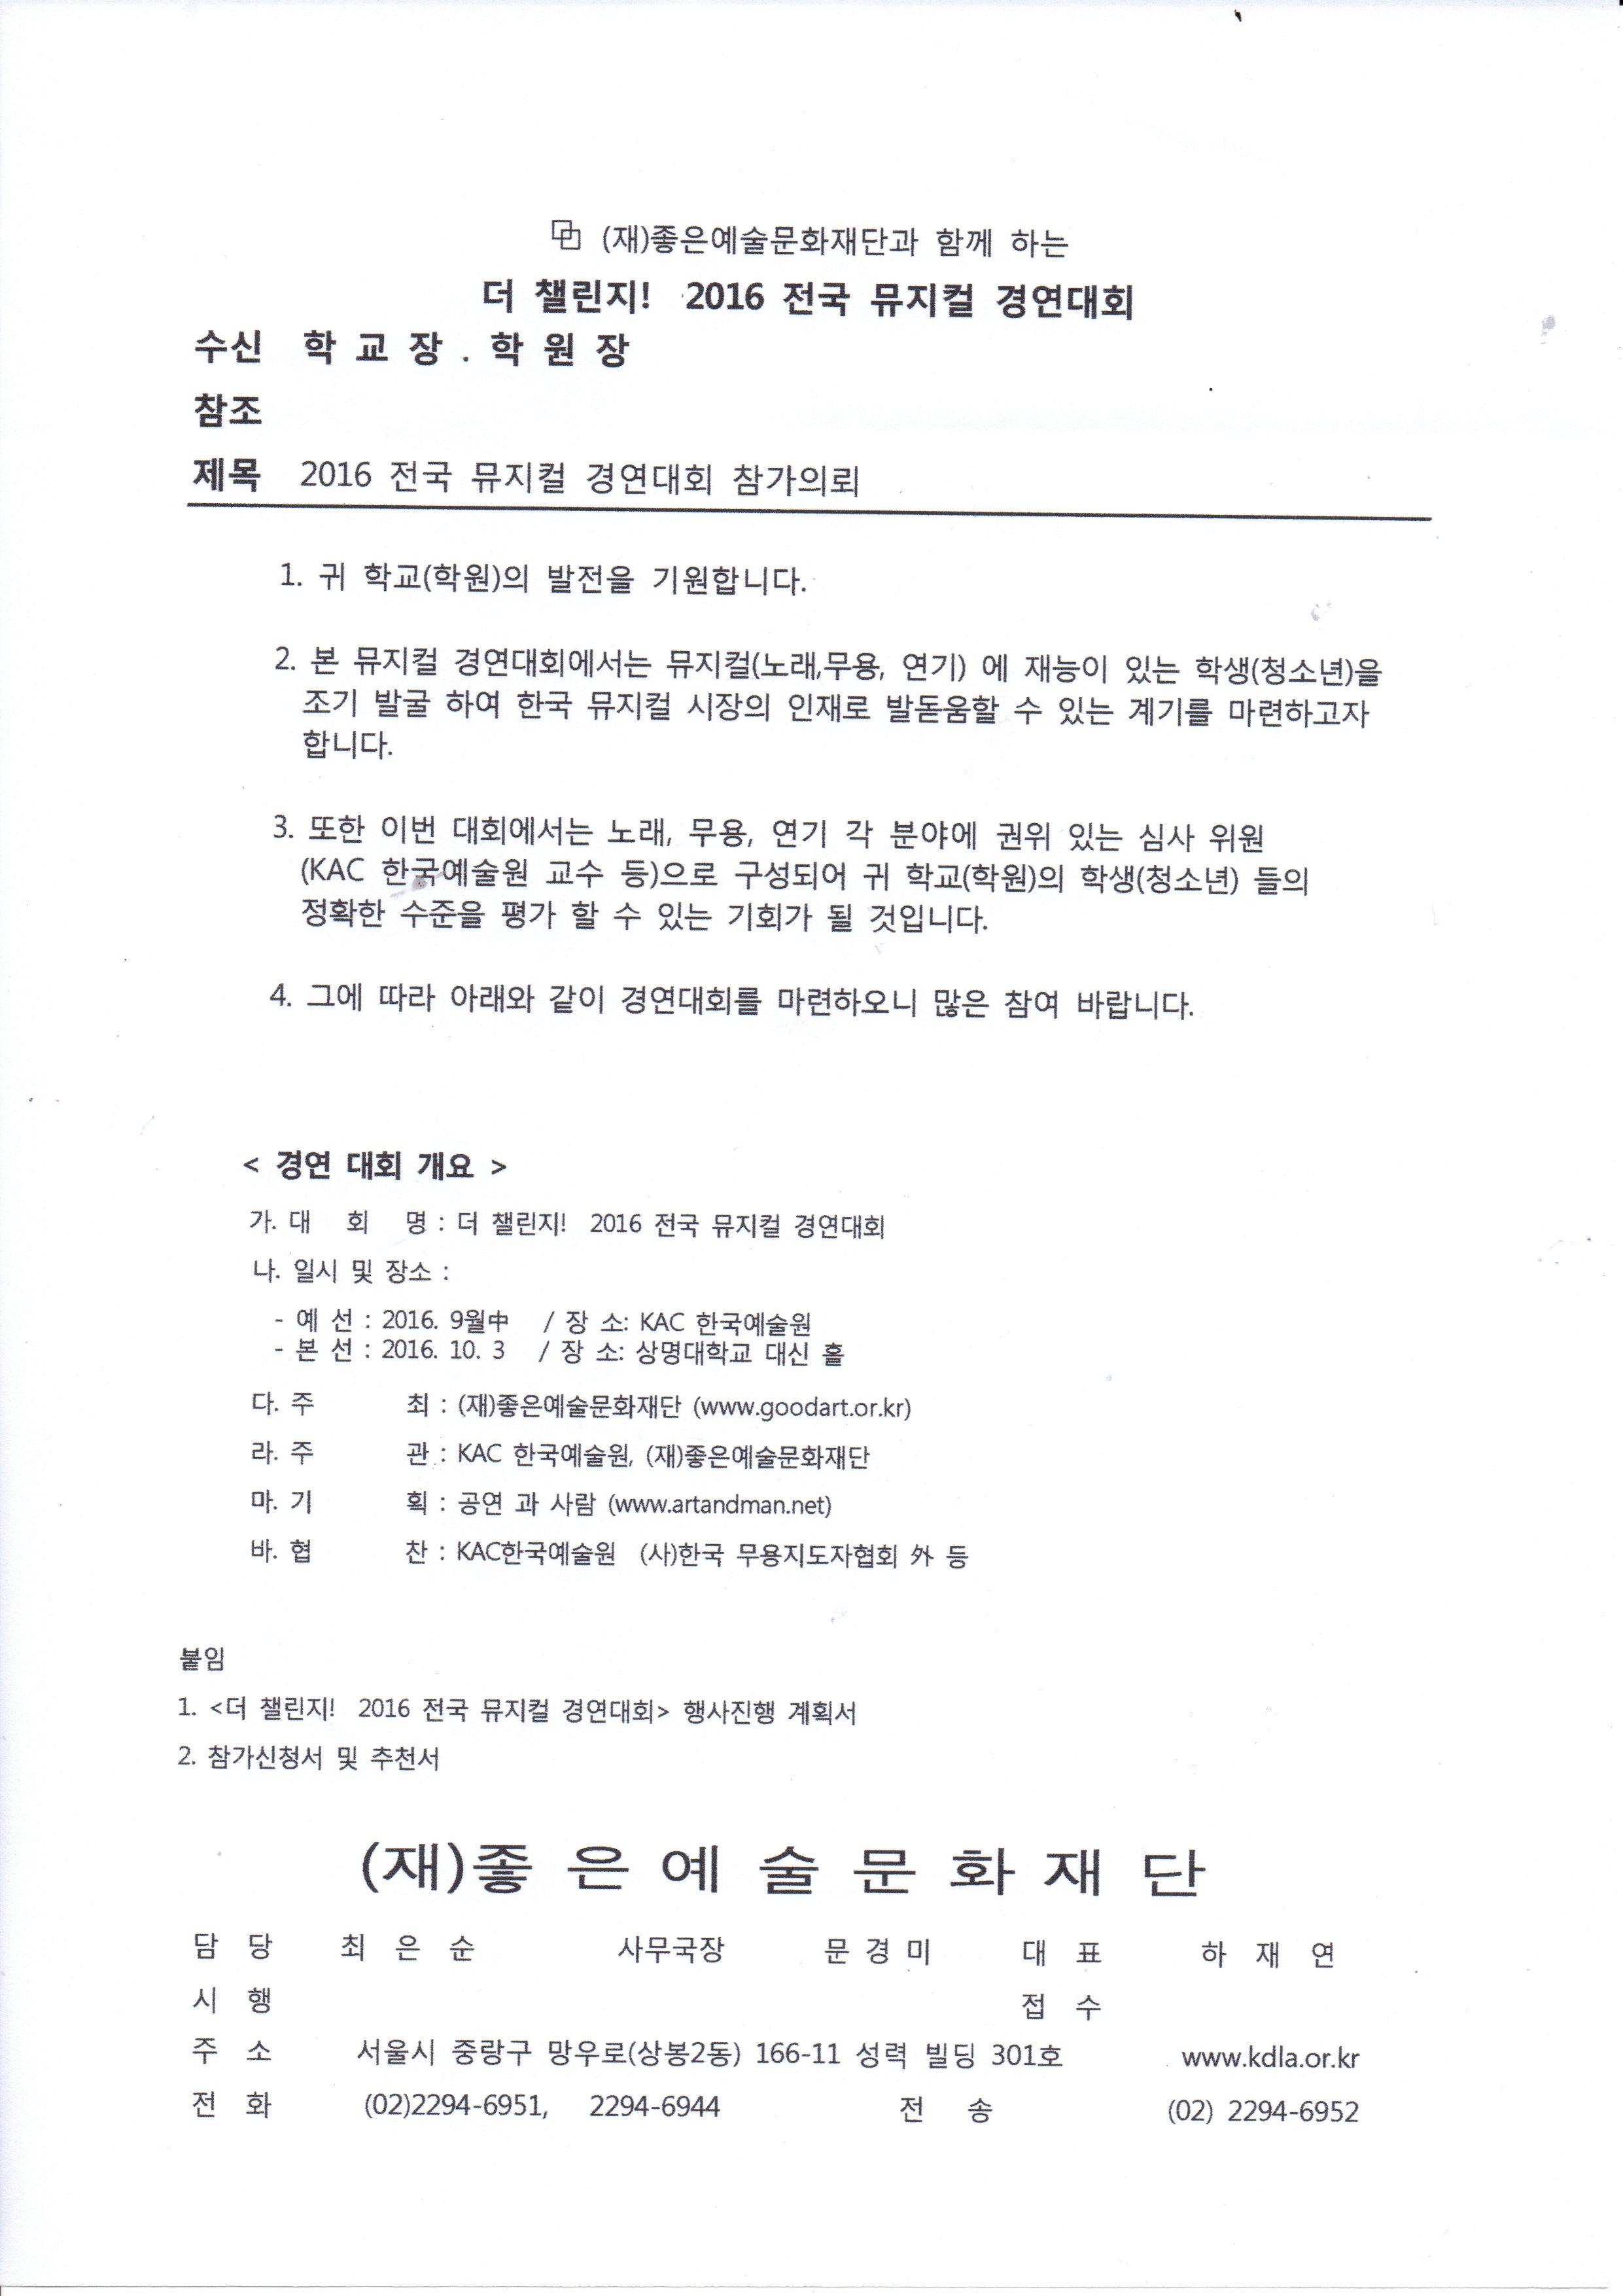 뮤지컬공문.jpg